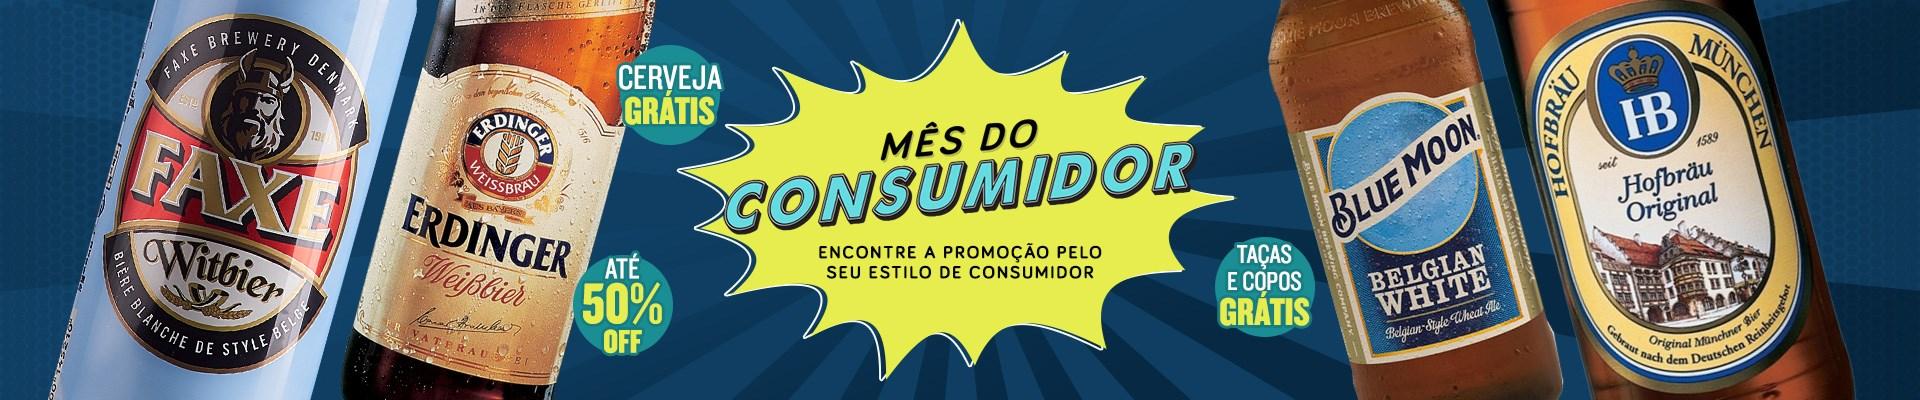 Mês do Consumidor - Banner Desktop